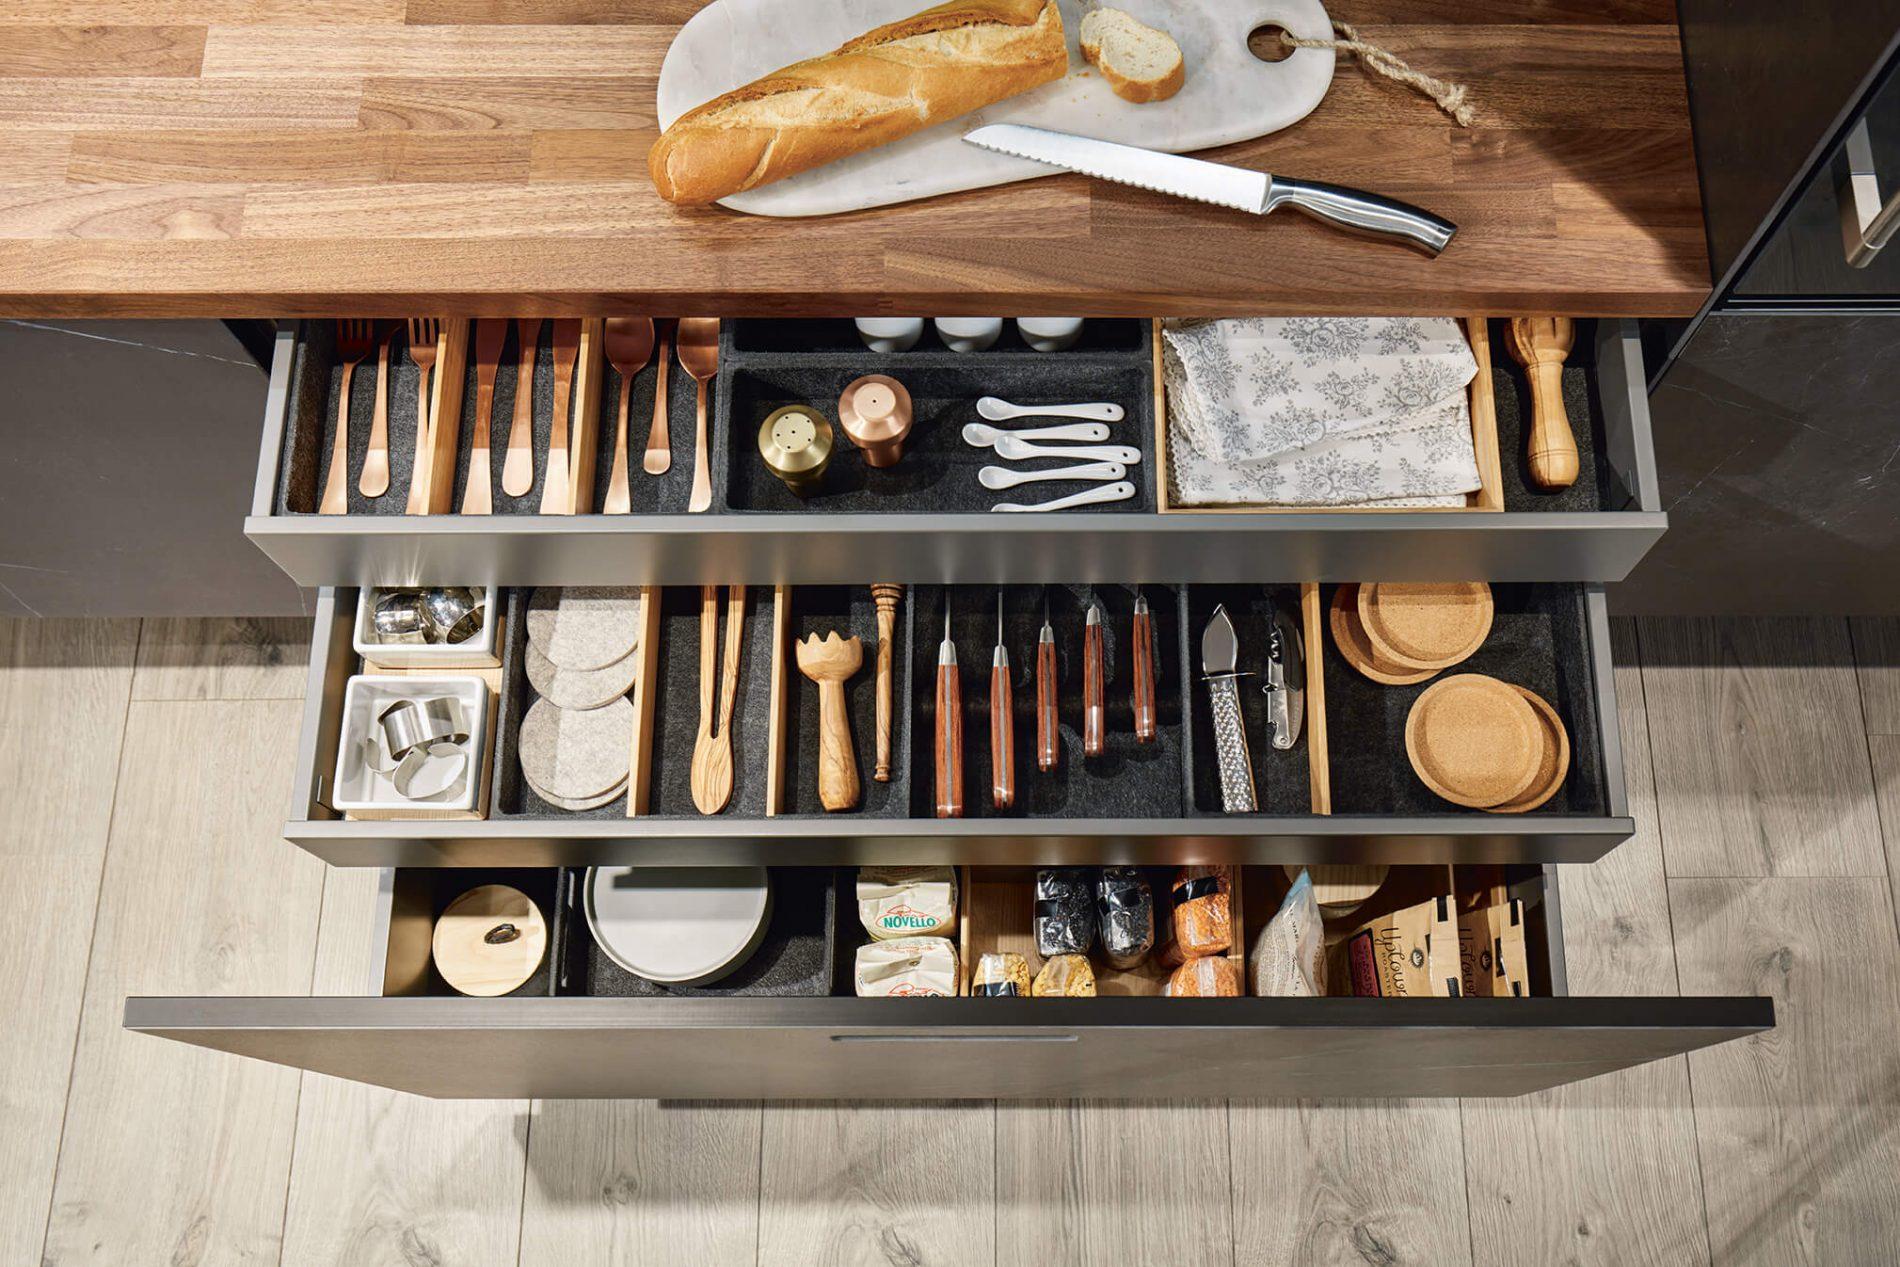 Schuller Kitchen Organisation